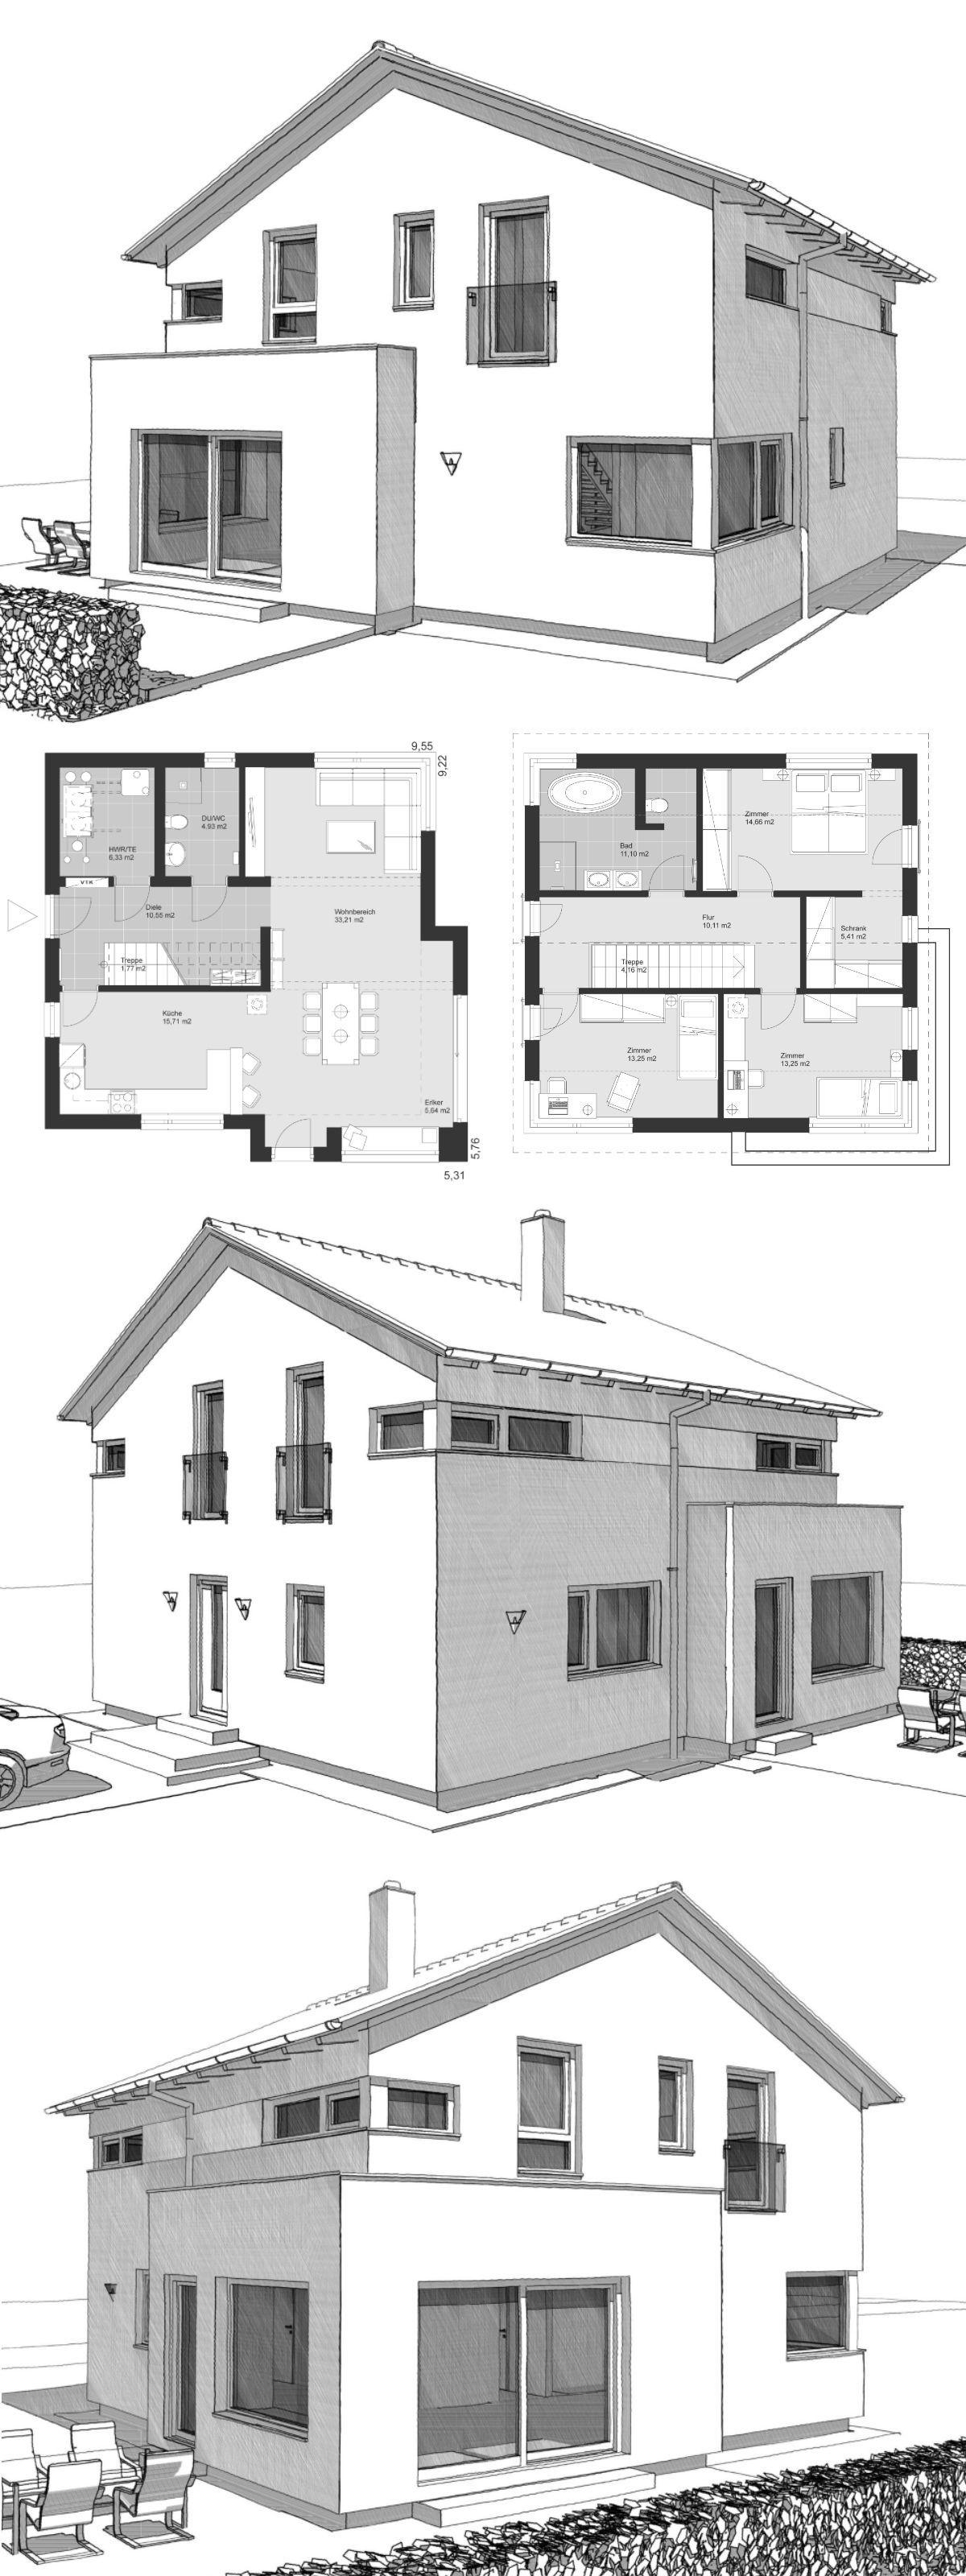 Modernes einfamilienhaus im landhausstil grundriss for Modernes einfamilienhaus grundriss